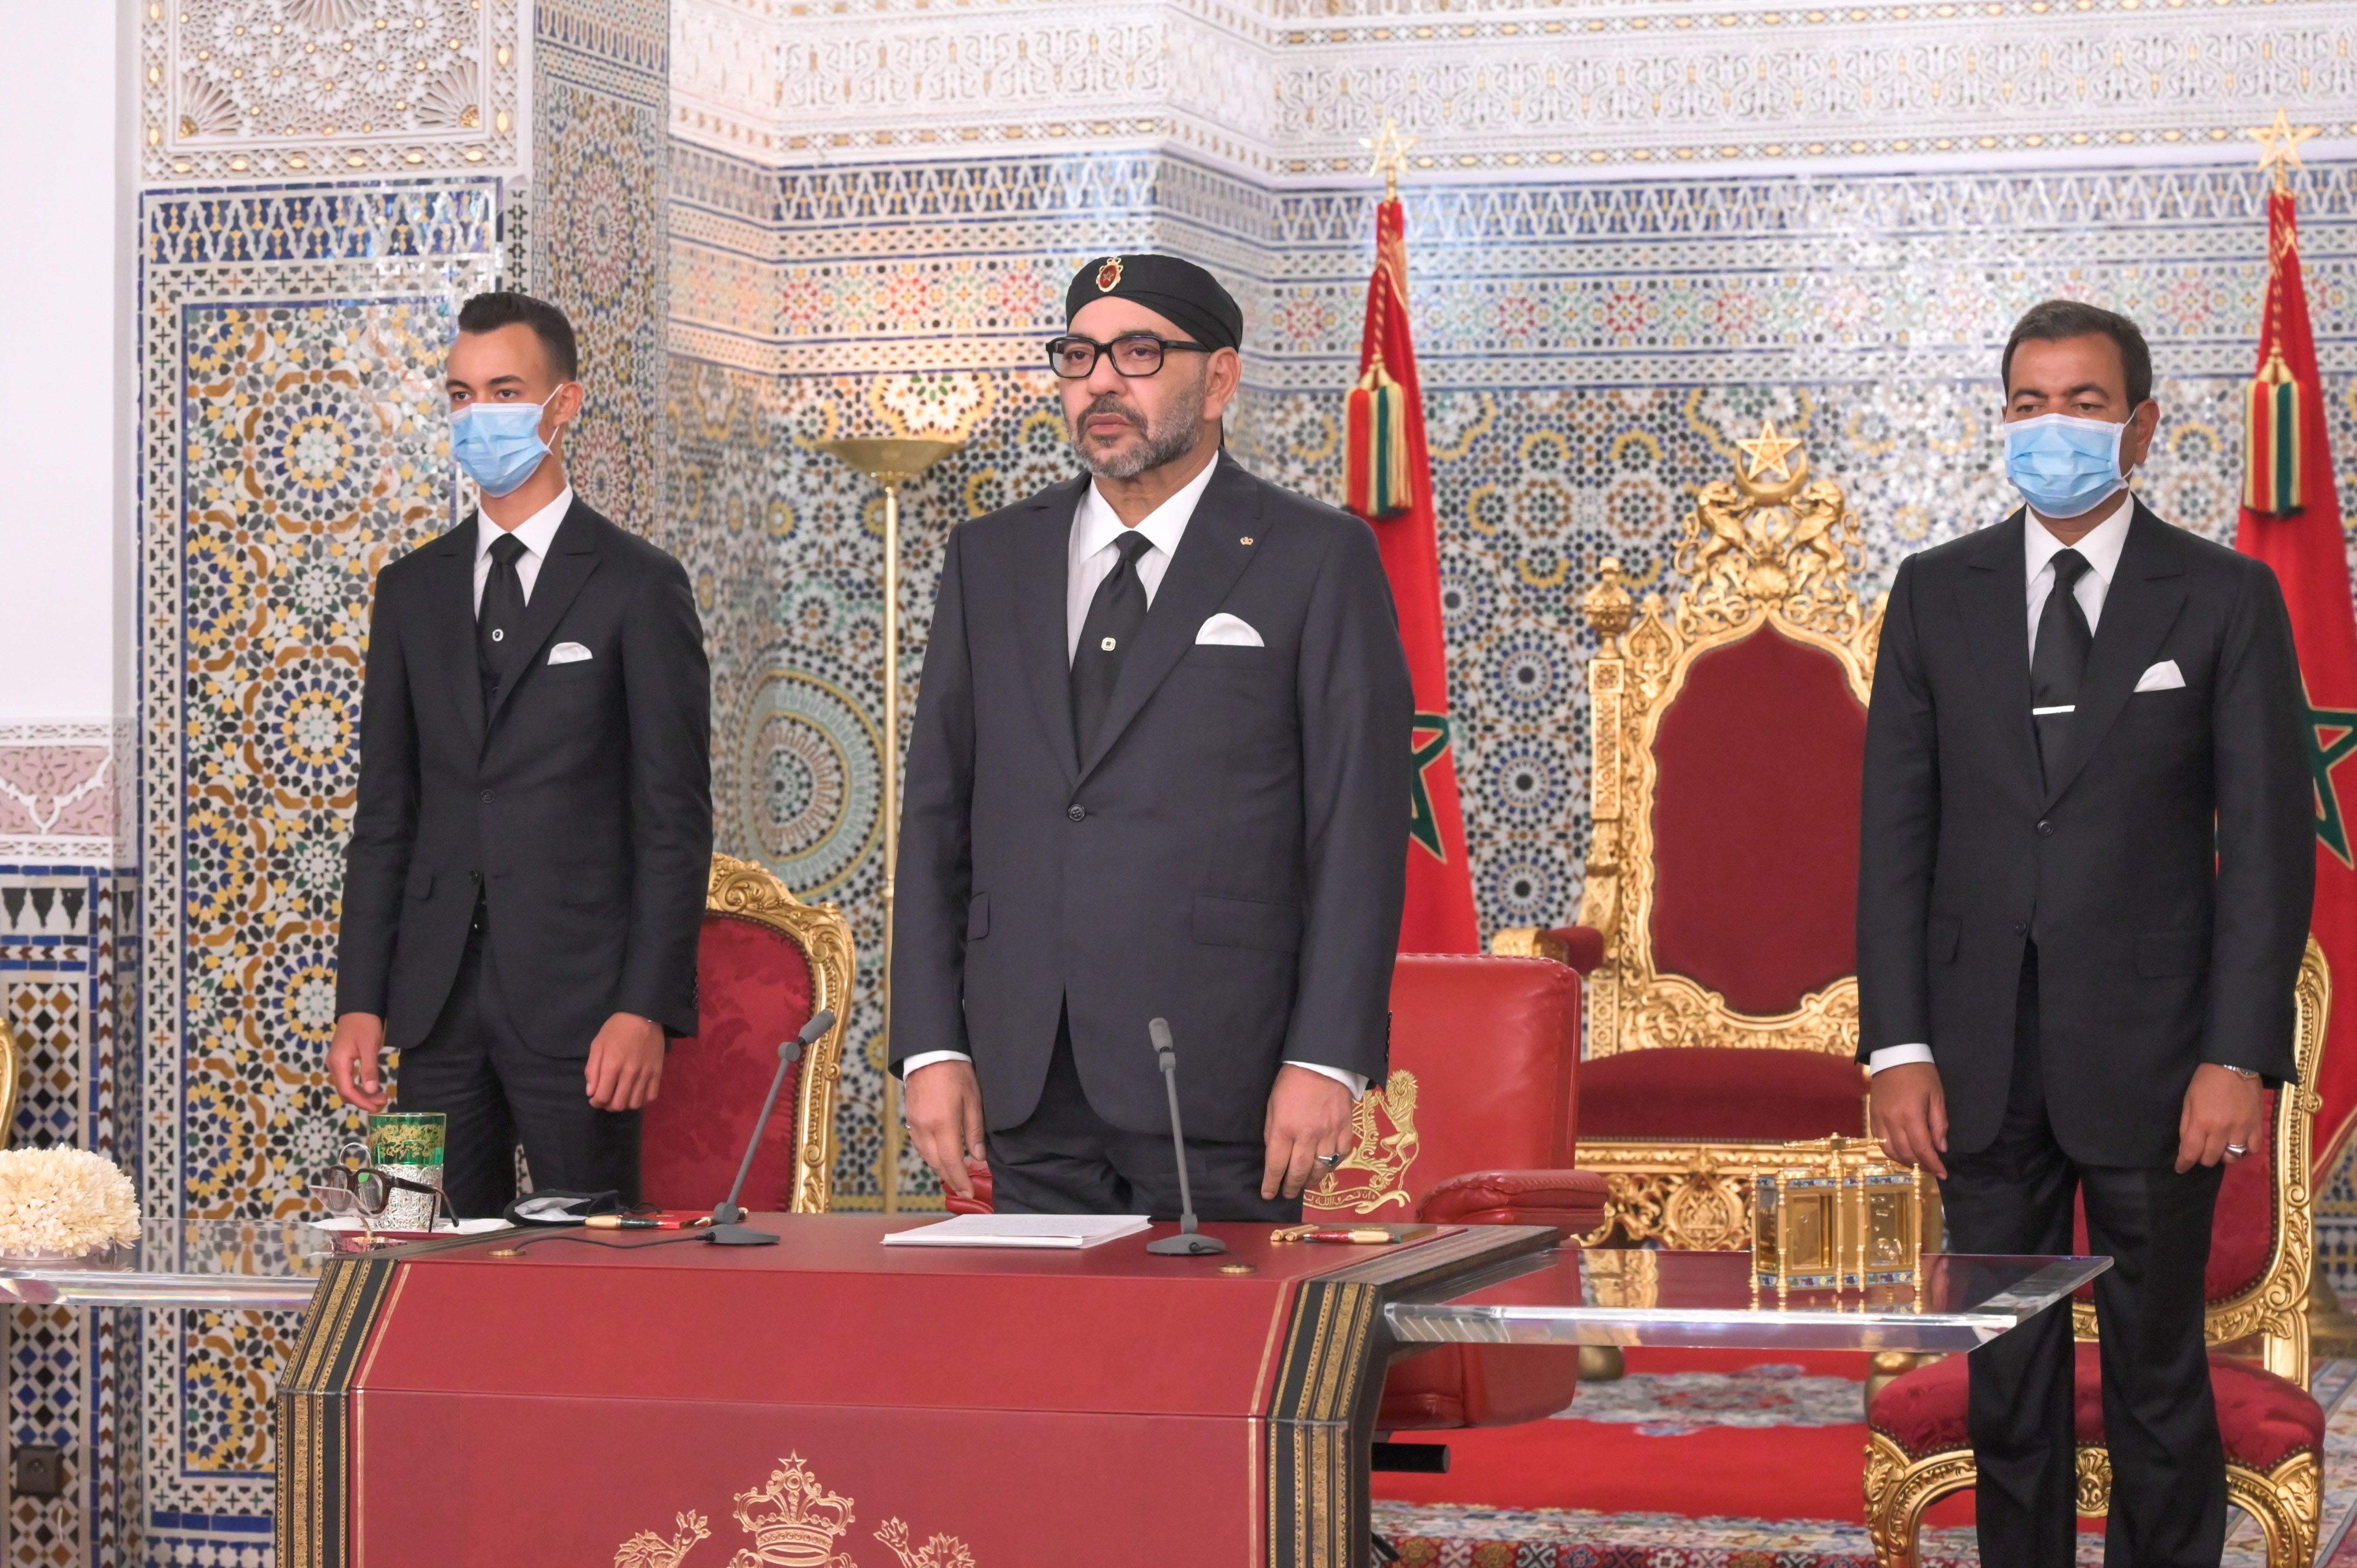 SM el Rey dirige un discurso a la Nación con motivo de la Fiesta del Trono